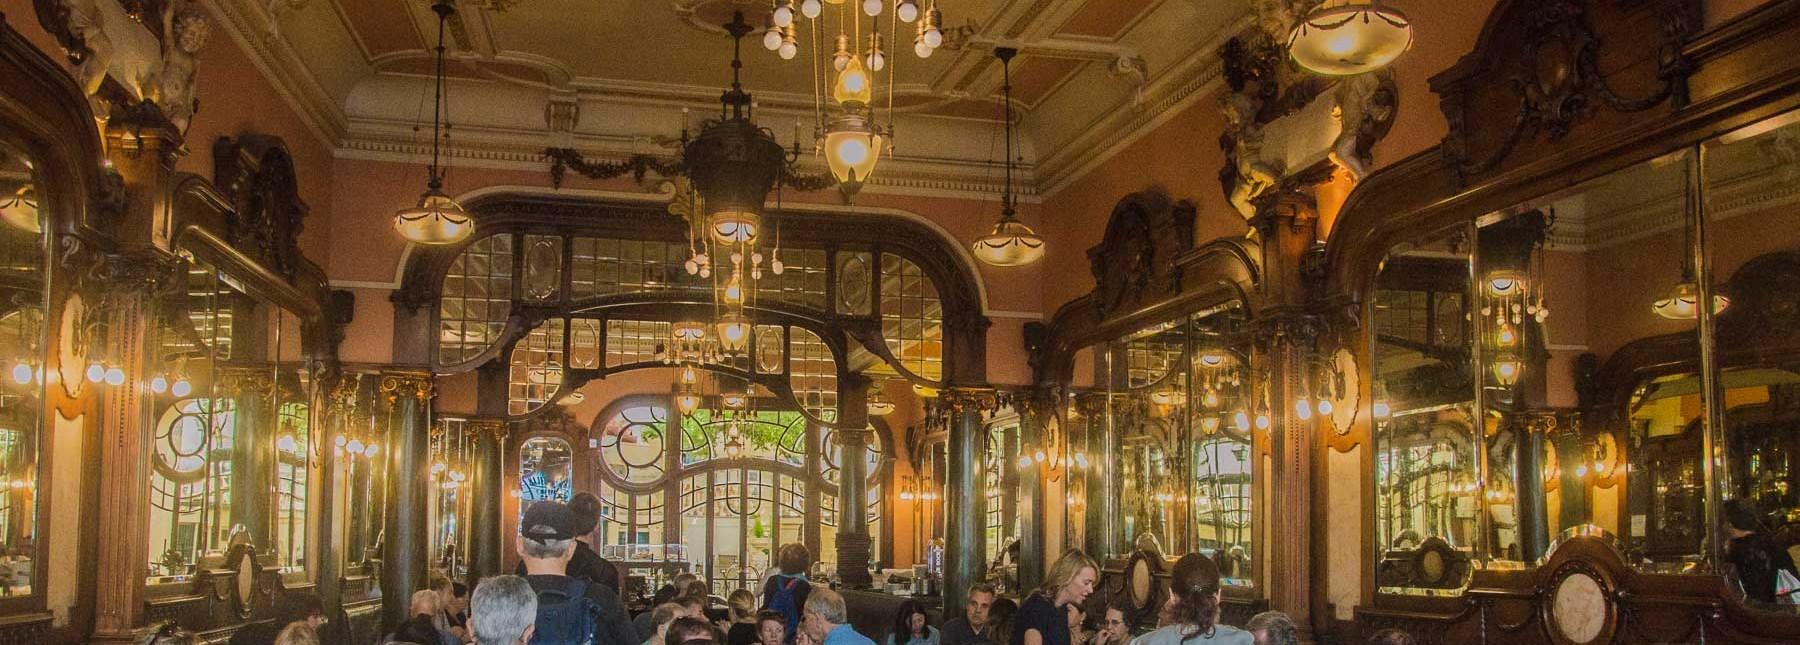 The Harry Potter Premium at the Majestic Café in Porto